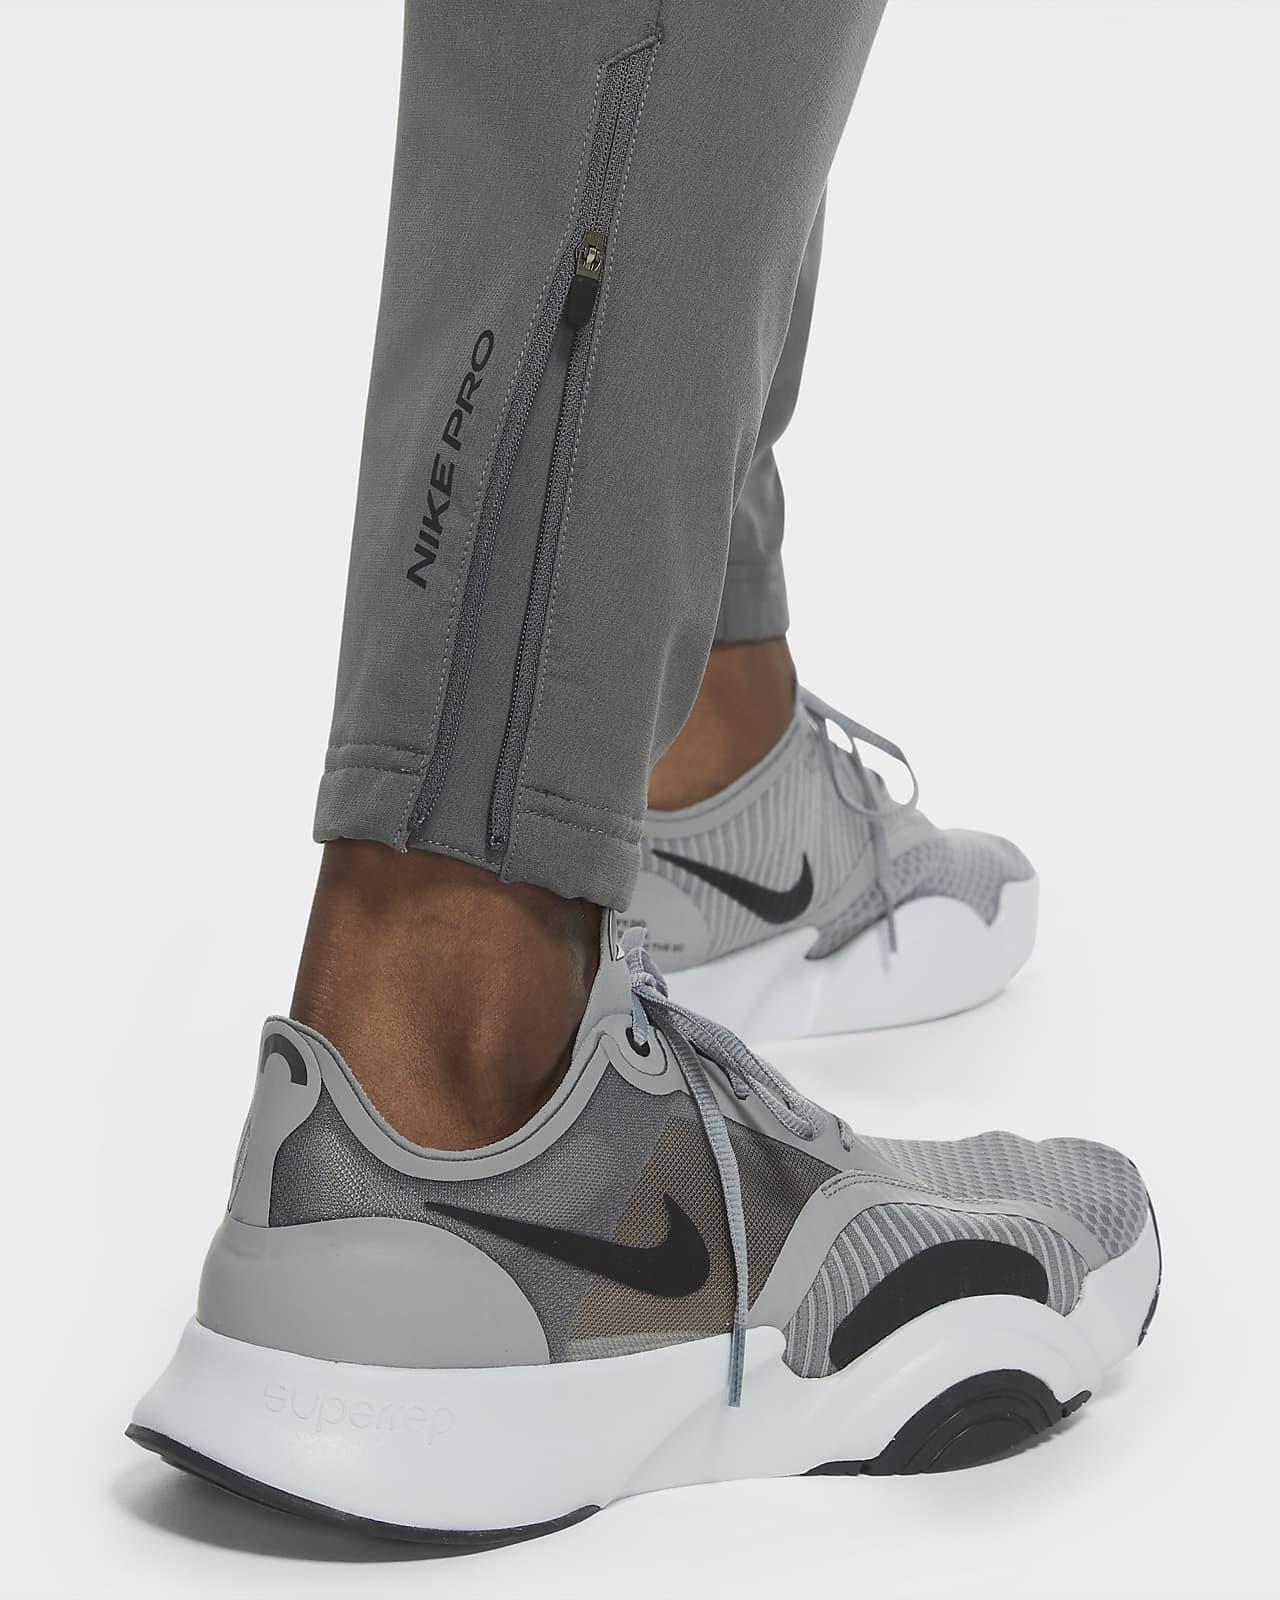 zapatos hombre invierno nike